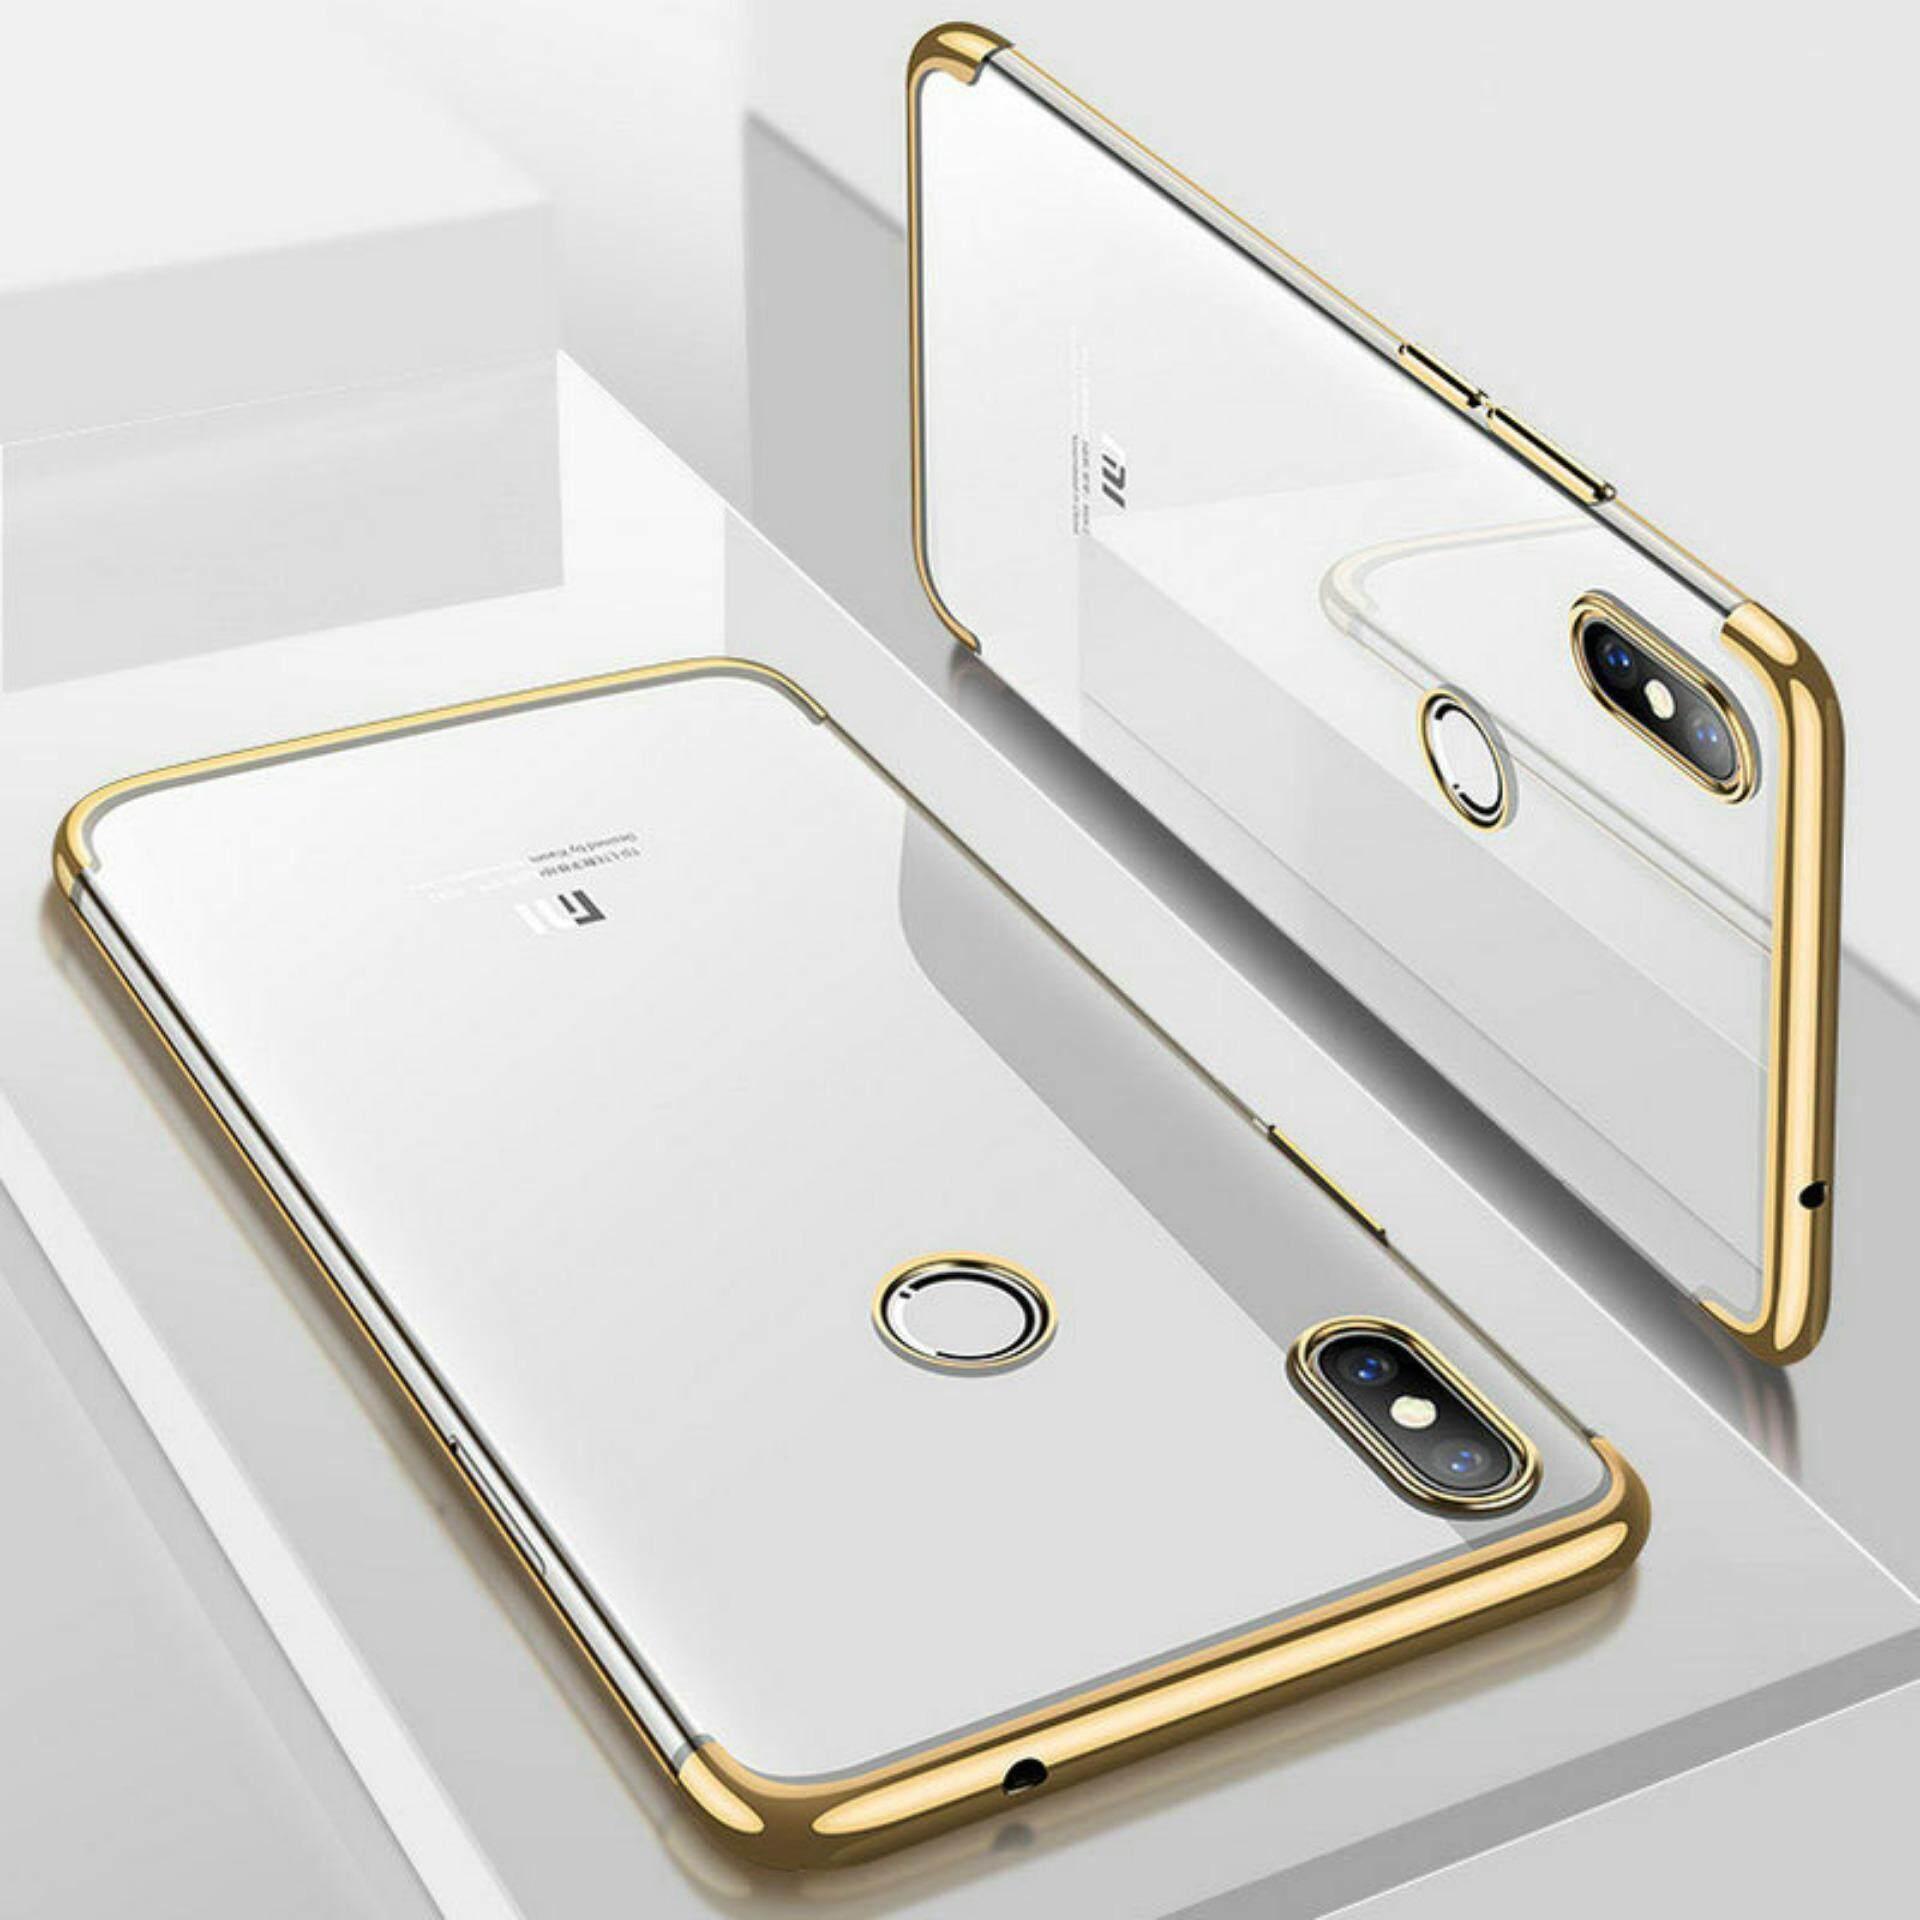 Untuk Xiaomi Mi Mix 2 S Plating Transparan Ultra Ramping Tpu Lunak Bening Casing Belakang Cover